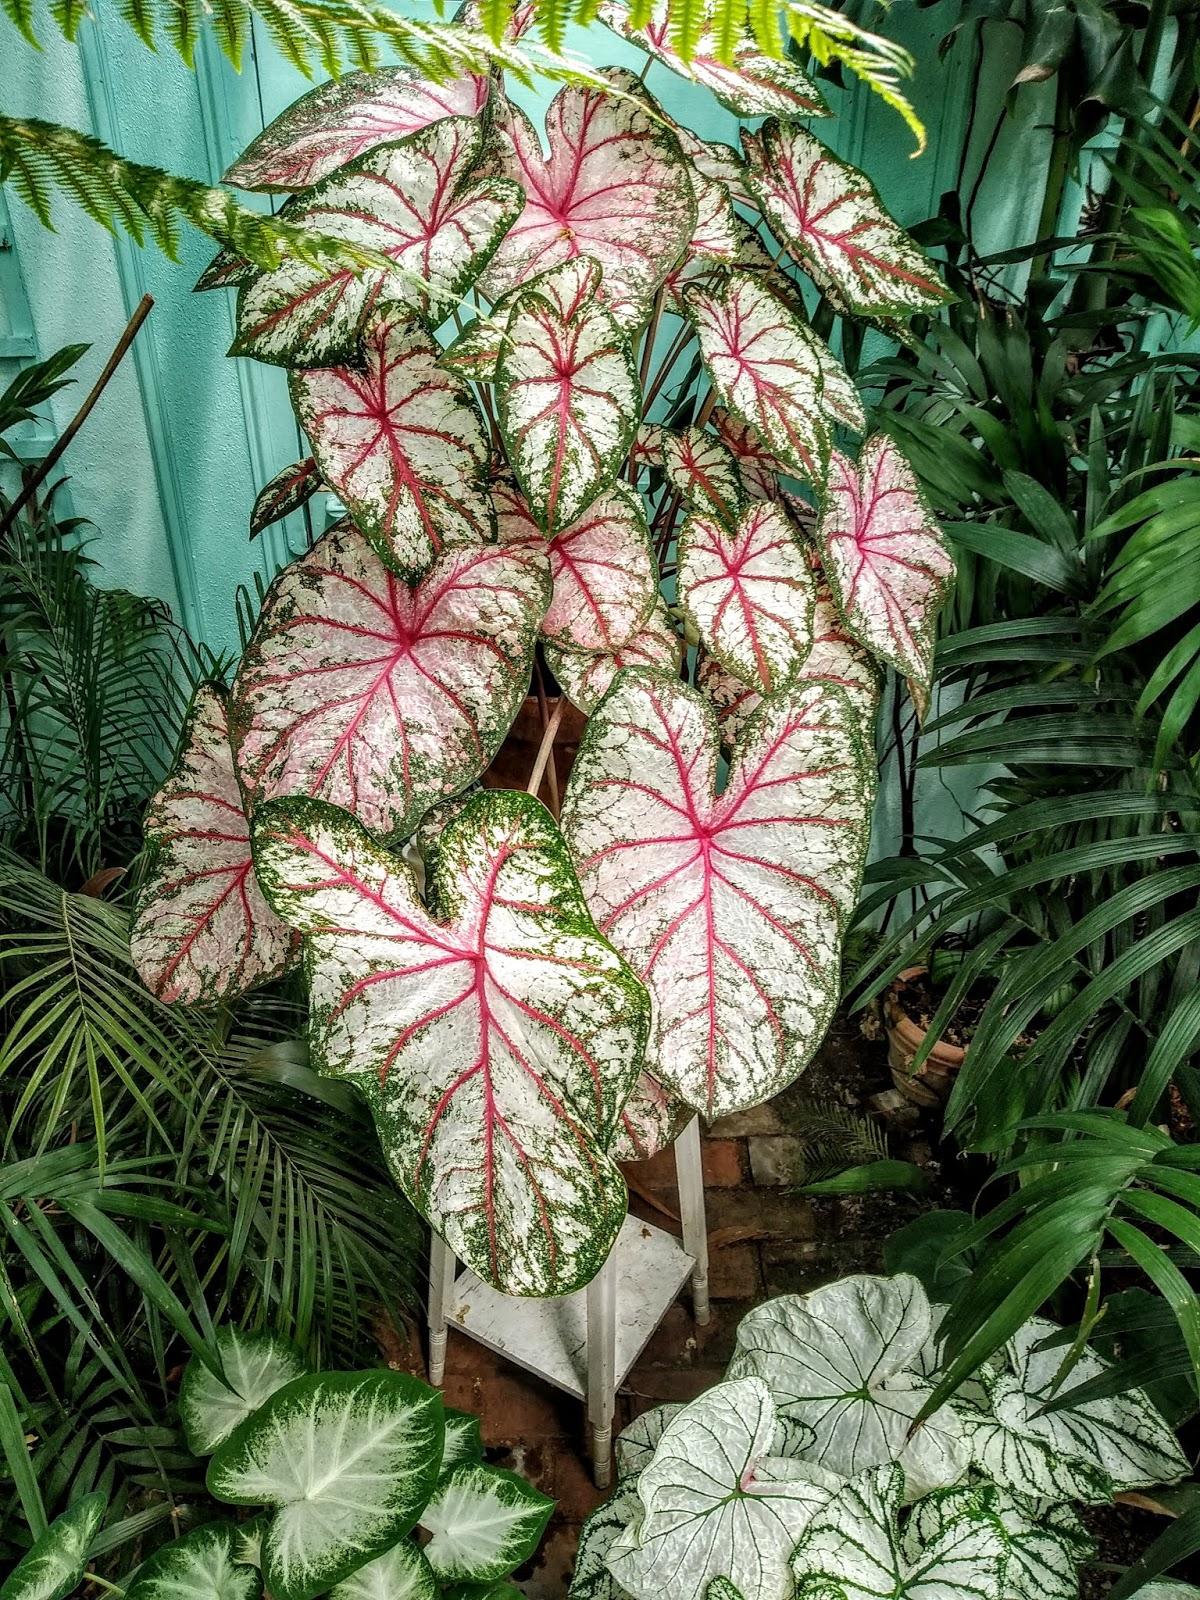 Caladium - le genre, espèces, hybrides et cultivars IMG_20190729_162049